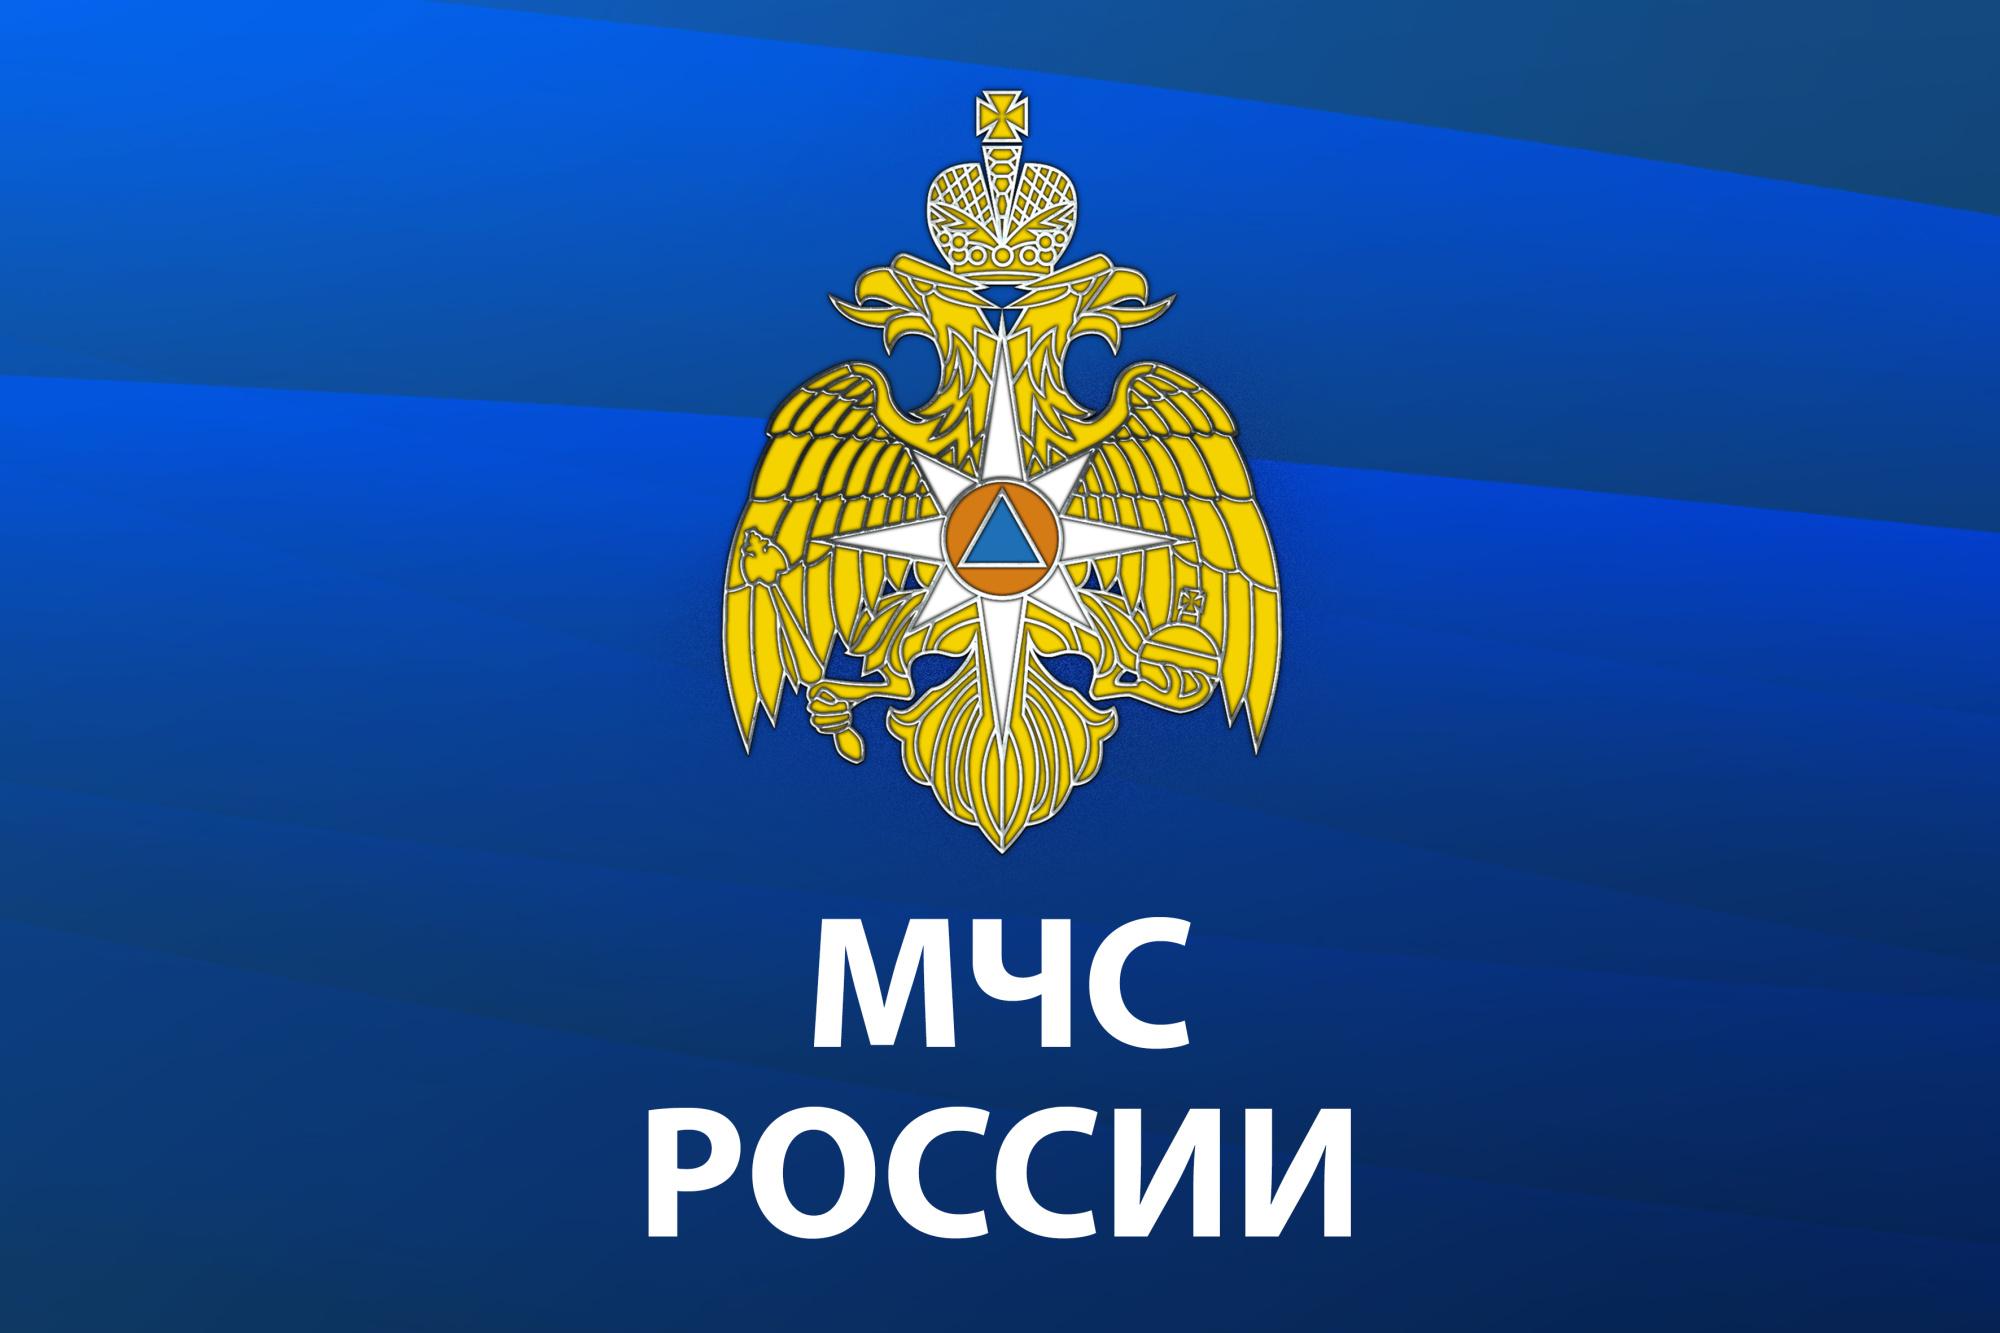 Скачай приложение МЧС России!